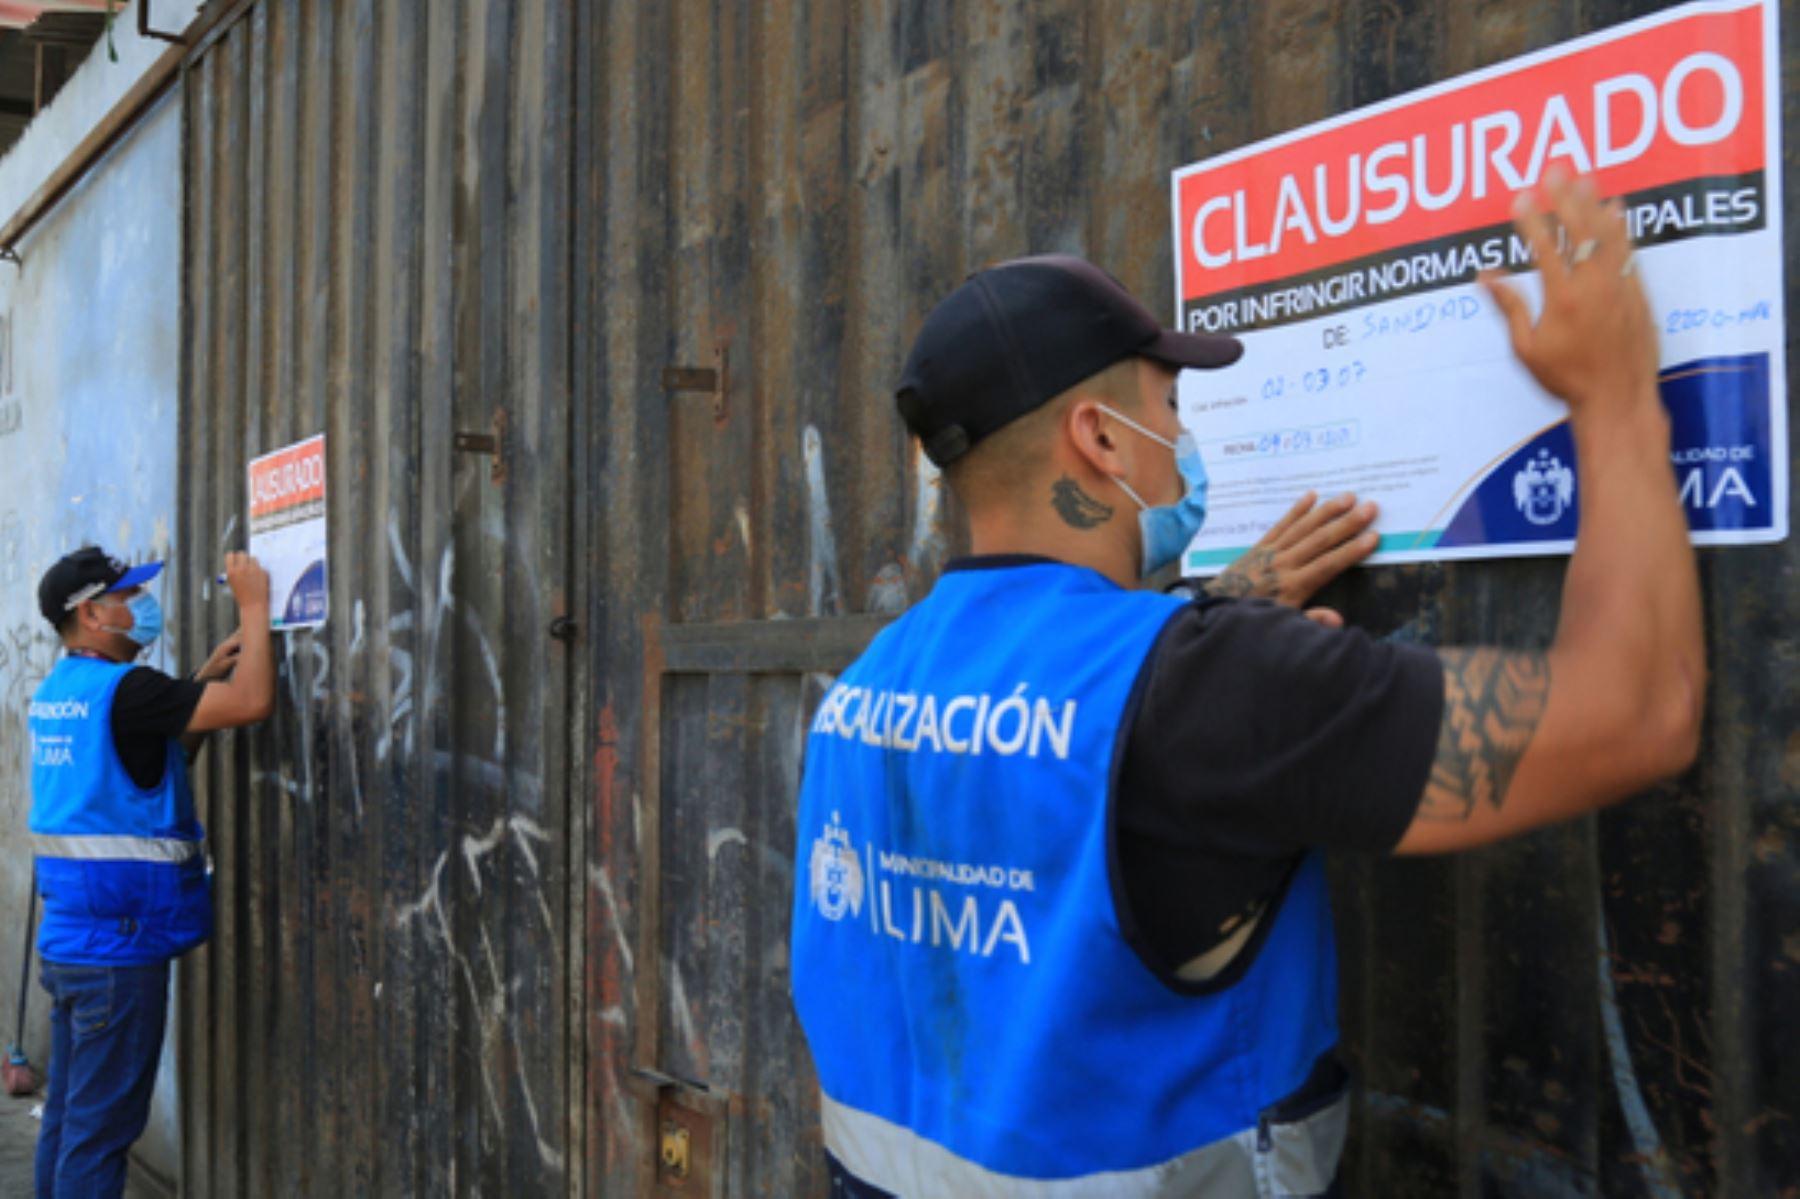 La Municipalidad Metropolitana de Lima llevó a cabo un operativo en la zona recuperada de la avenida Nicolás Ayllón. Foto: ANDINA/difusión.